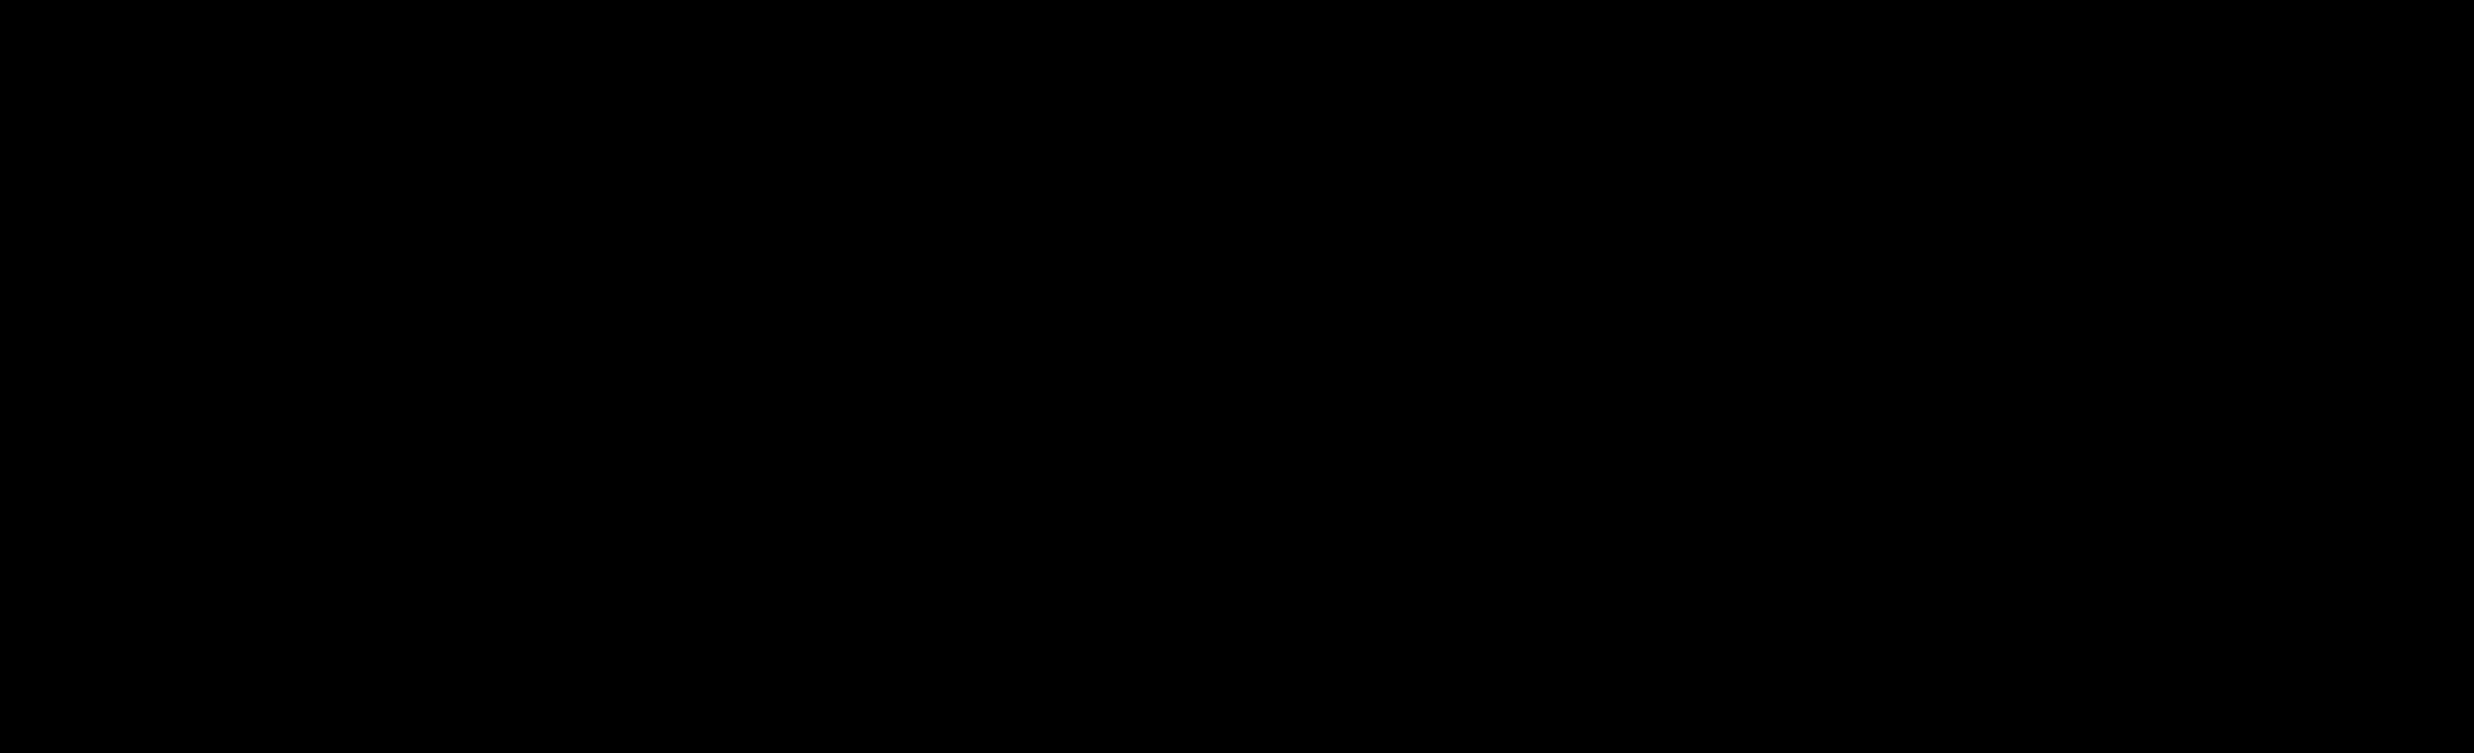 Учебник по сольфеджио 1-2 класс баева зебряк 1985 скачать бесплатно